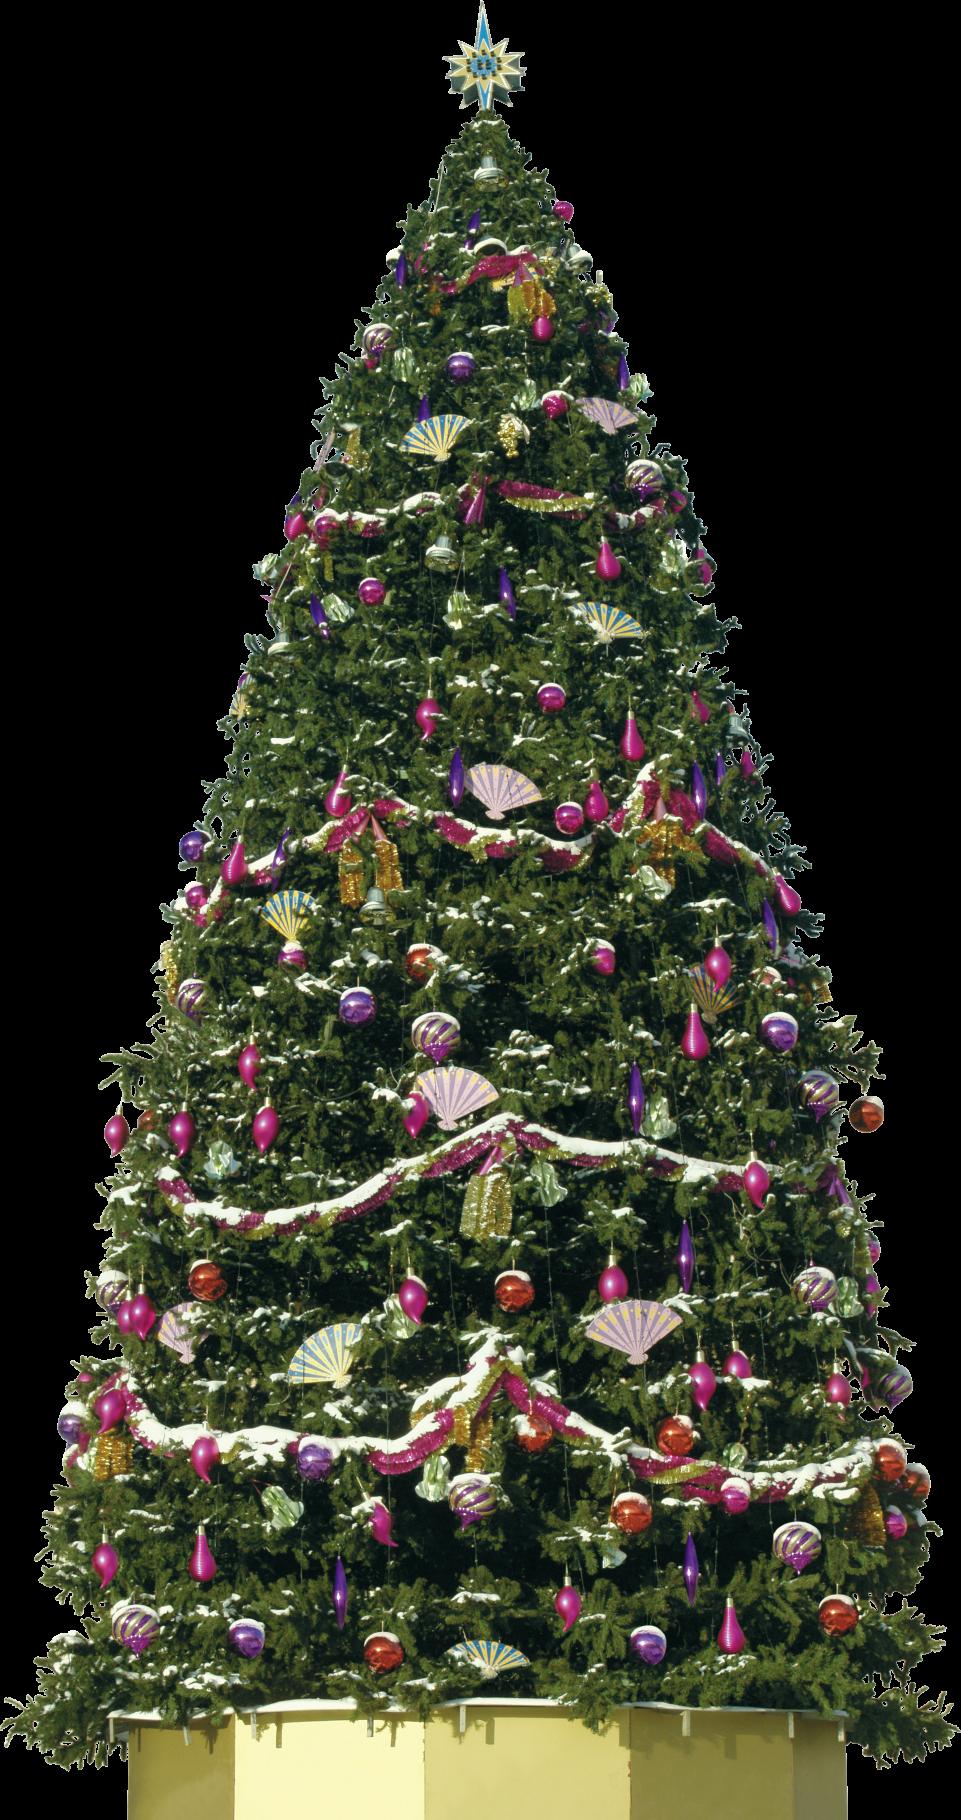 Big Decorative Christmas Tree PNG Image